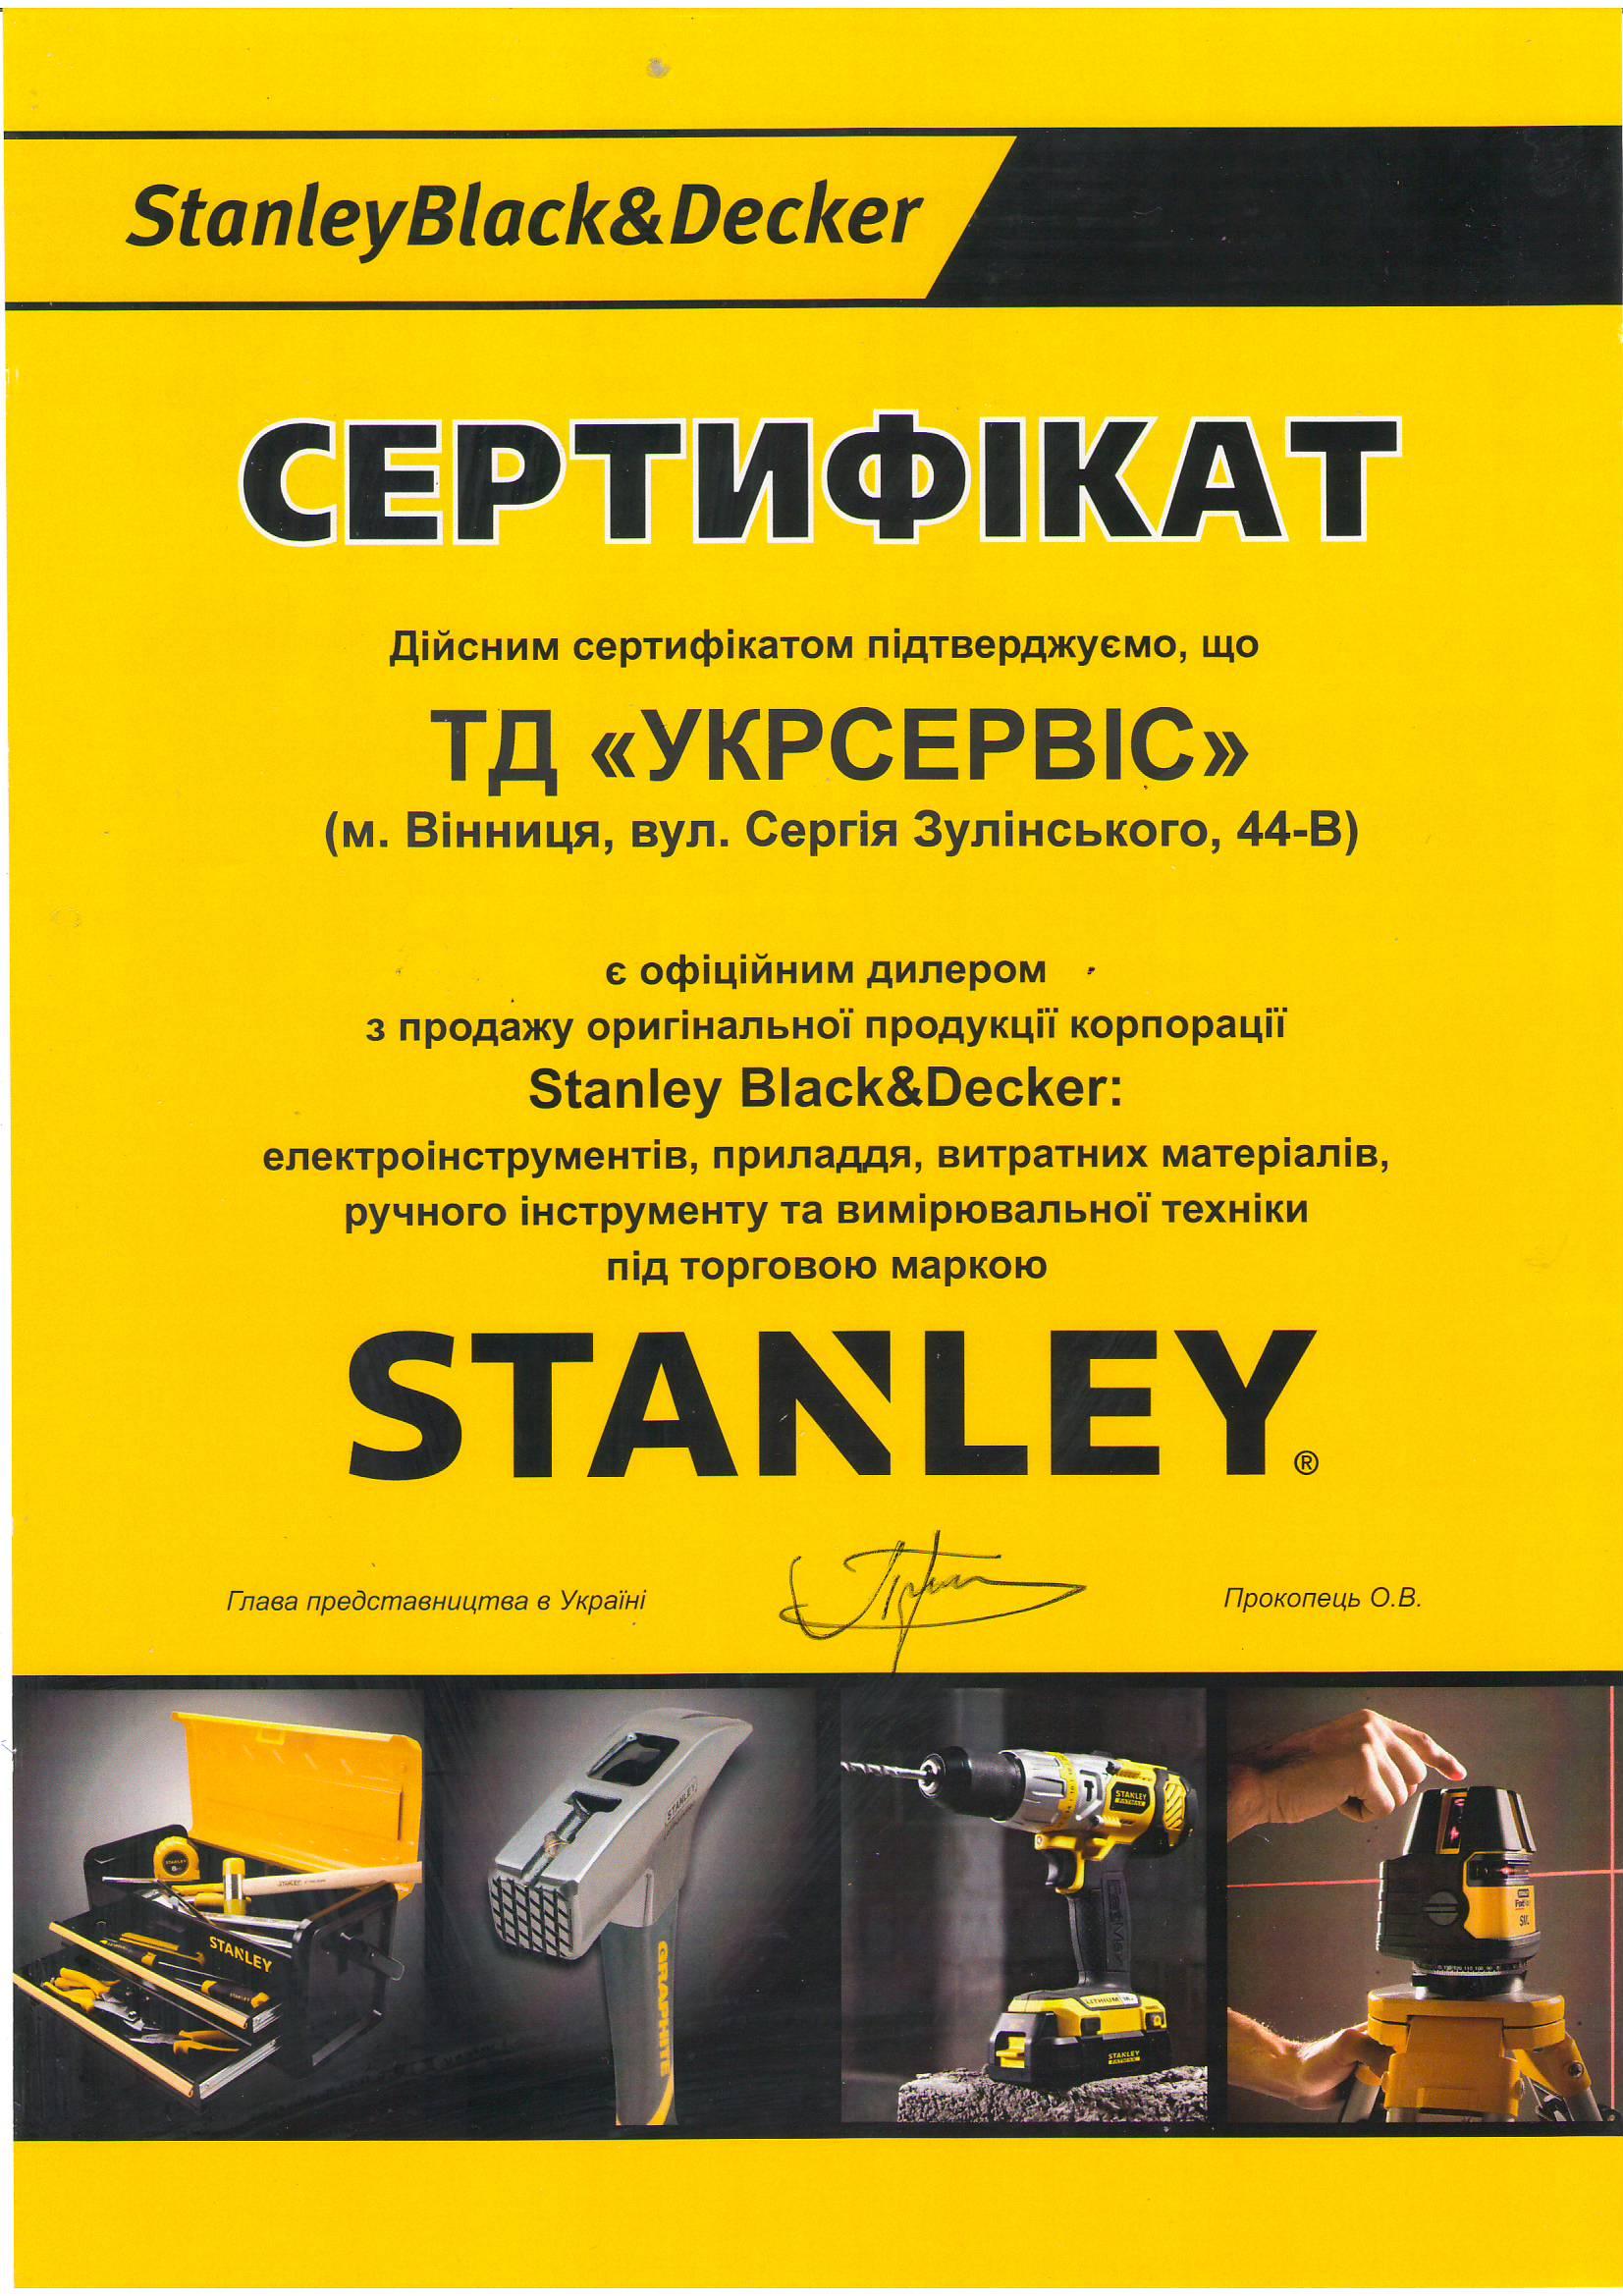 Официальный сертификат дилерства ТД Укрсервис по торговой марке Stanley